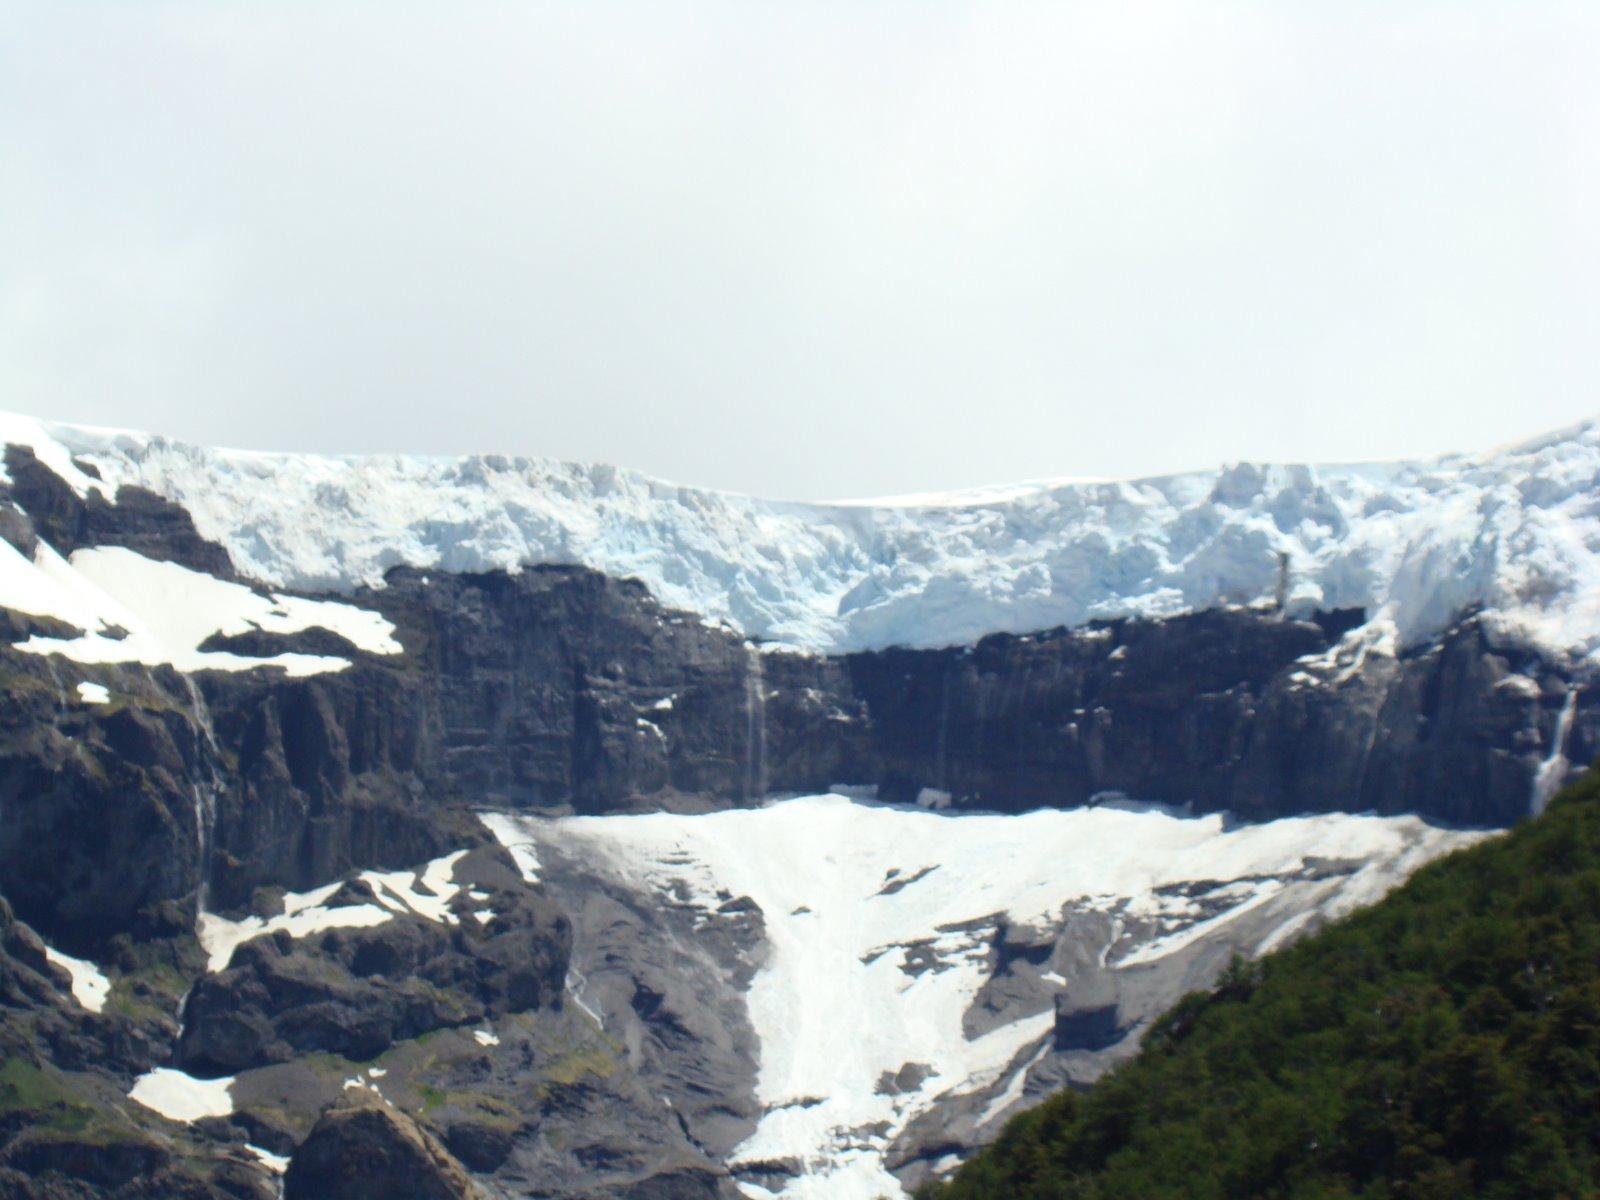 Cerro Tronador, Bariloche, Patagonia Argentina, Elisa N, Blog de Viajes, Lifestyle, Travel